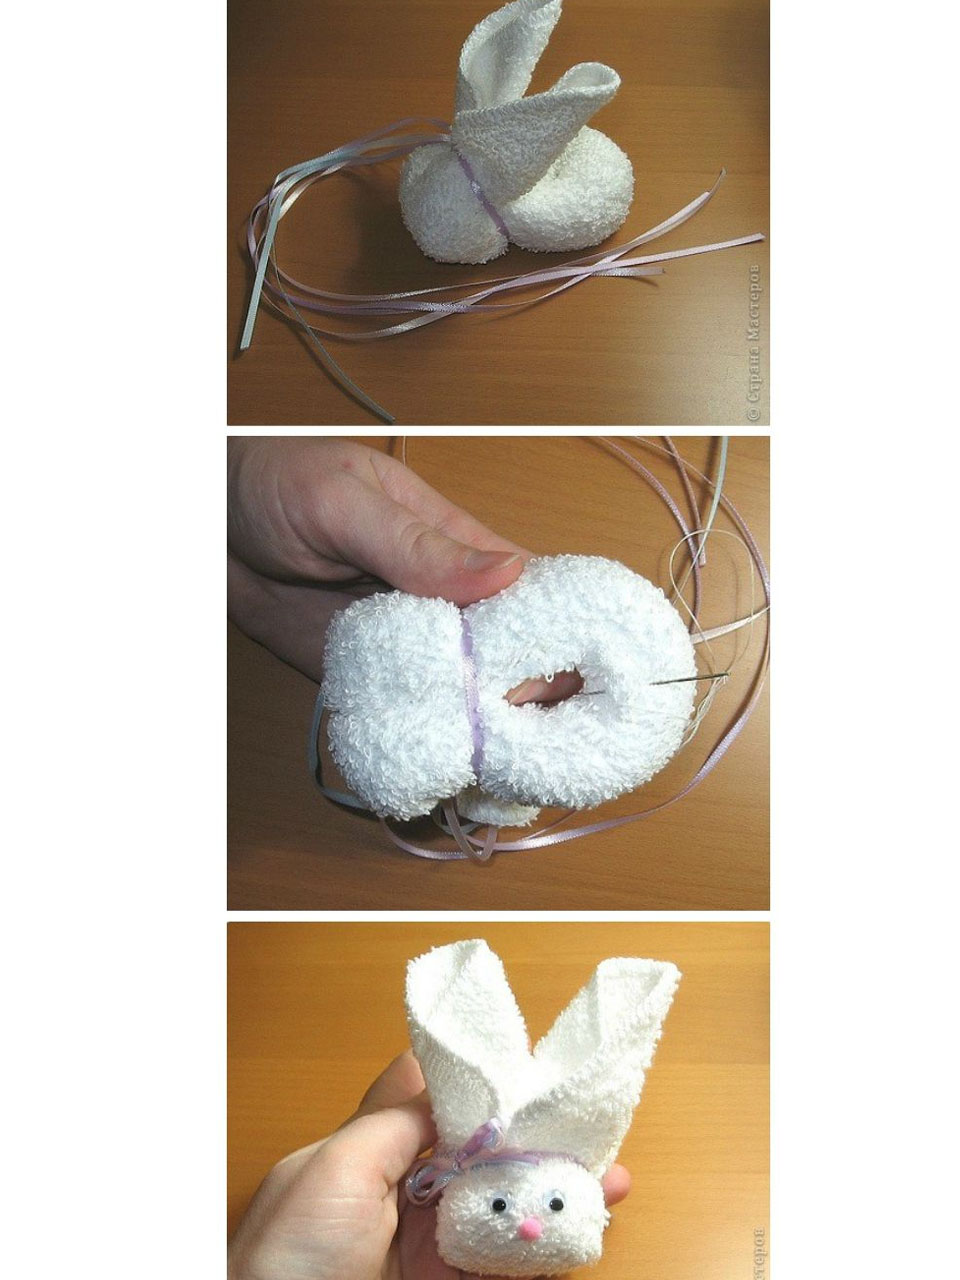 Como Hacer Figuras Con Toallas Paso A Paso - Decoracion-con-toallas